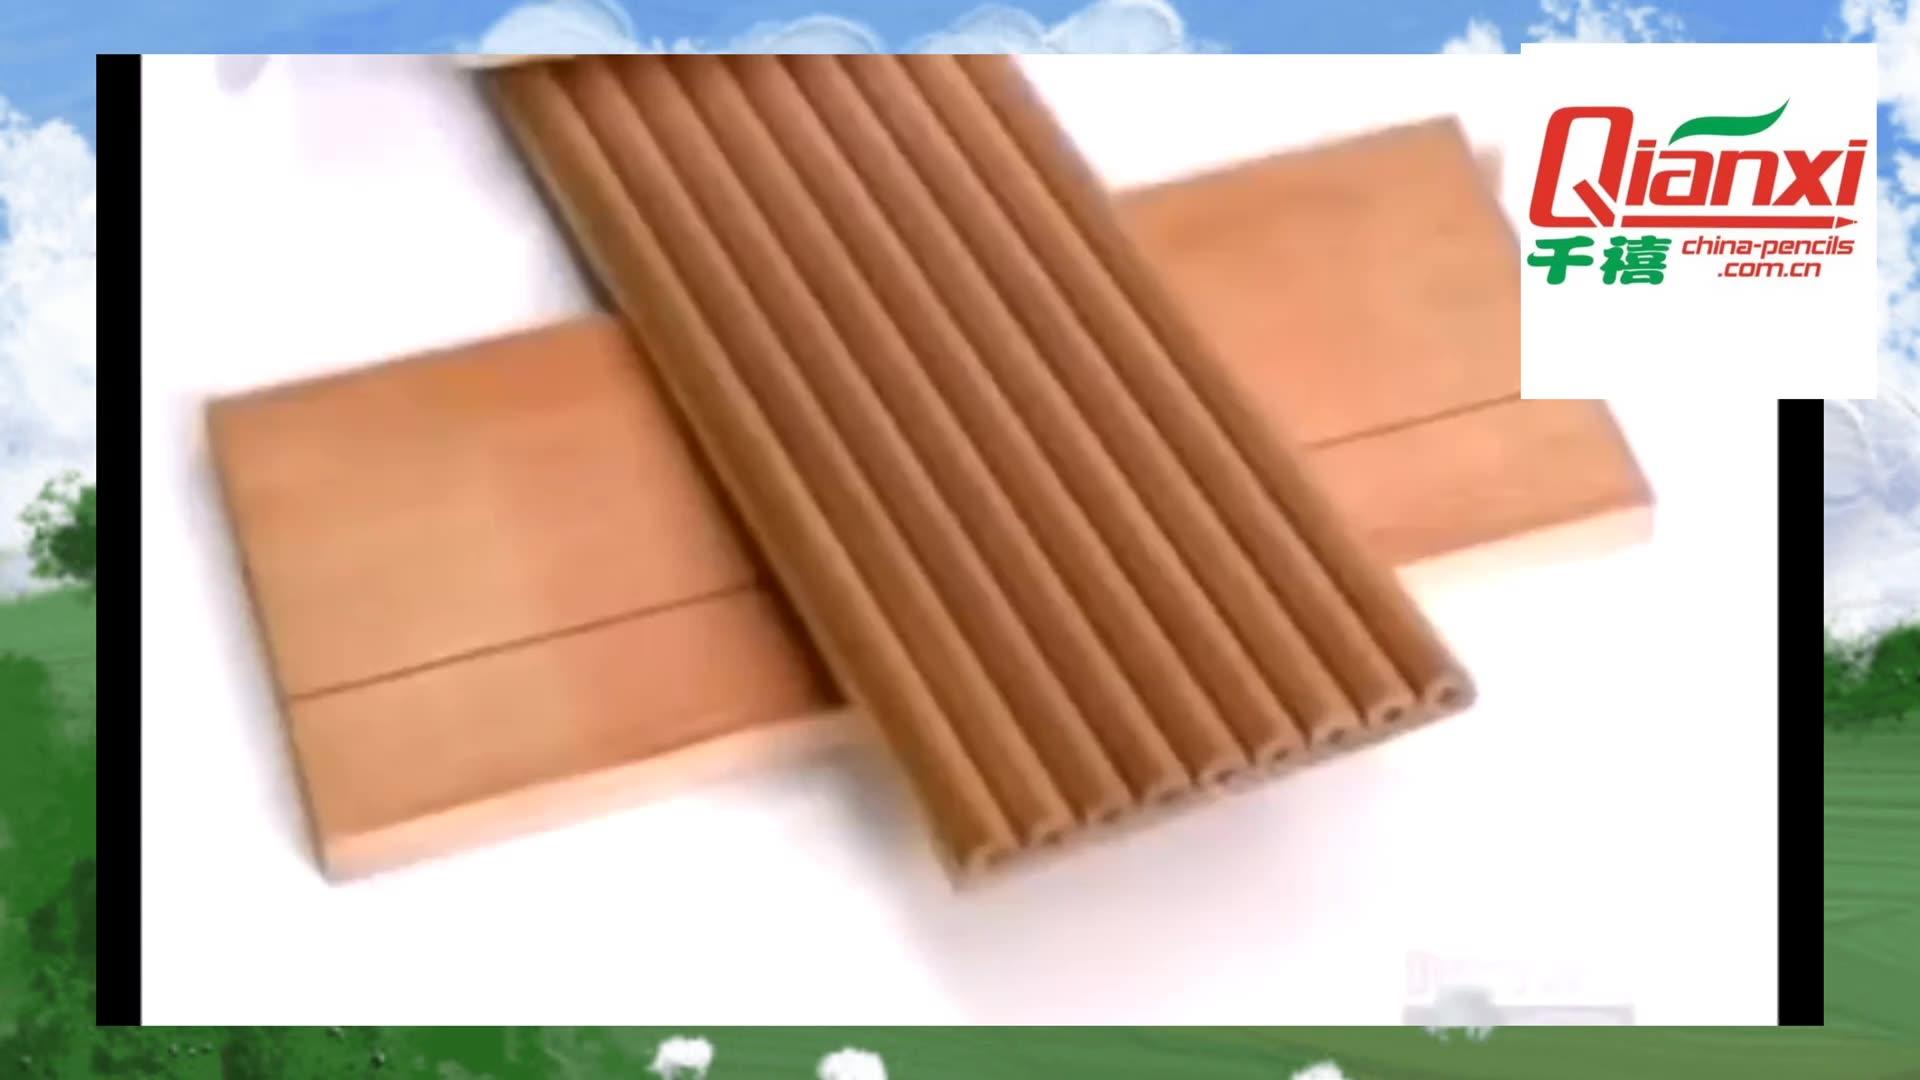 專業定制生產工藝筆禮品圓珠筆鼓槌鉛筆筷子鉛筆